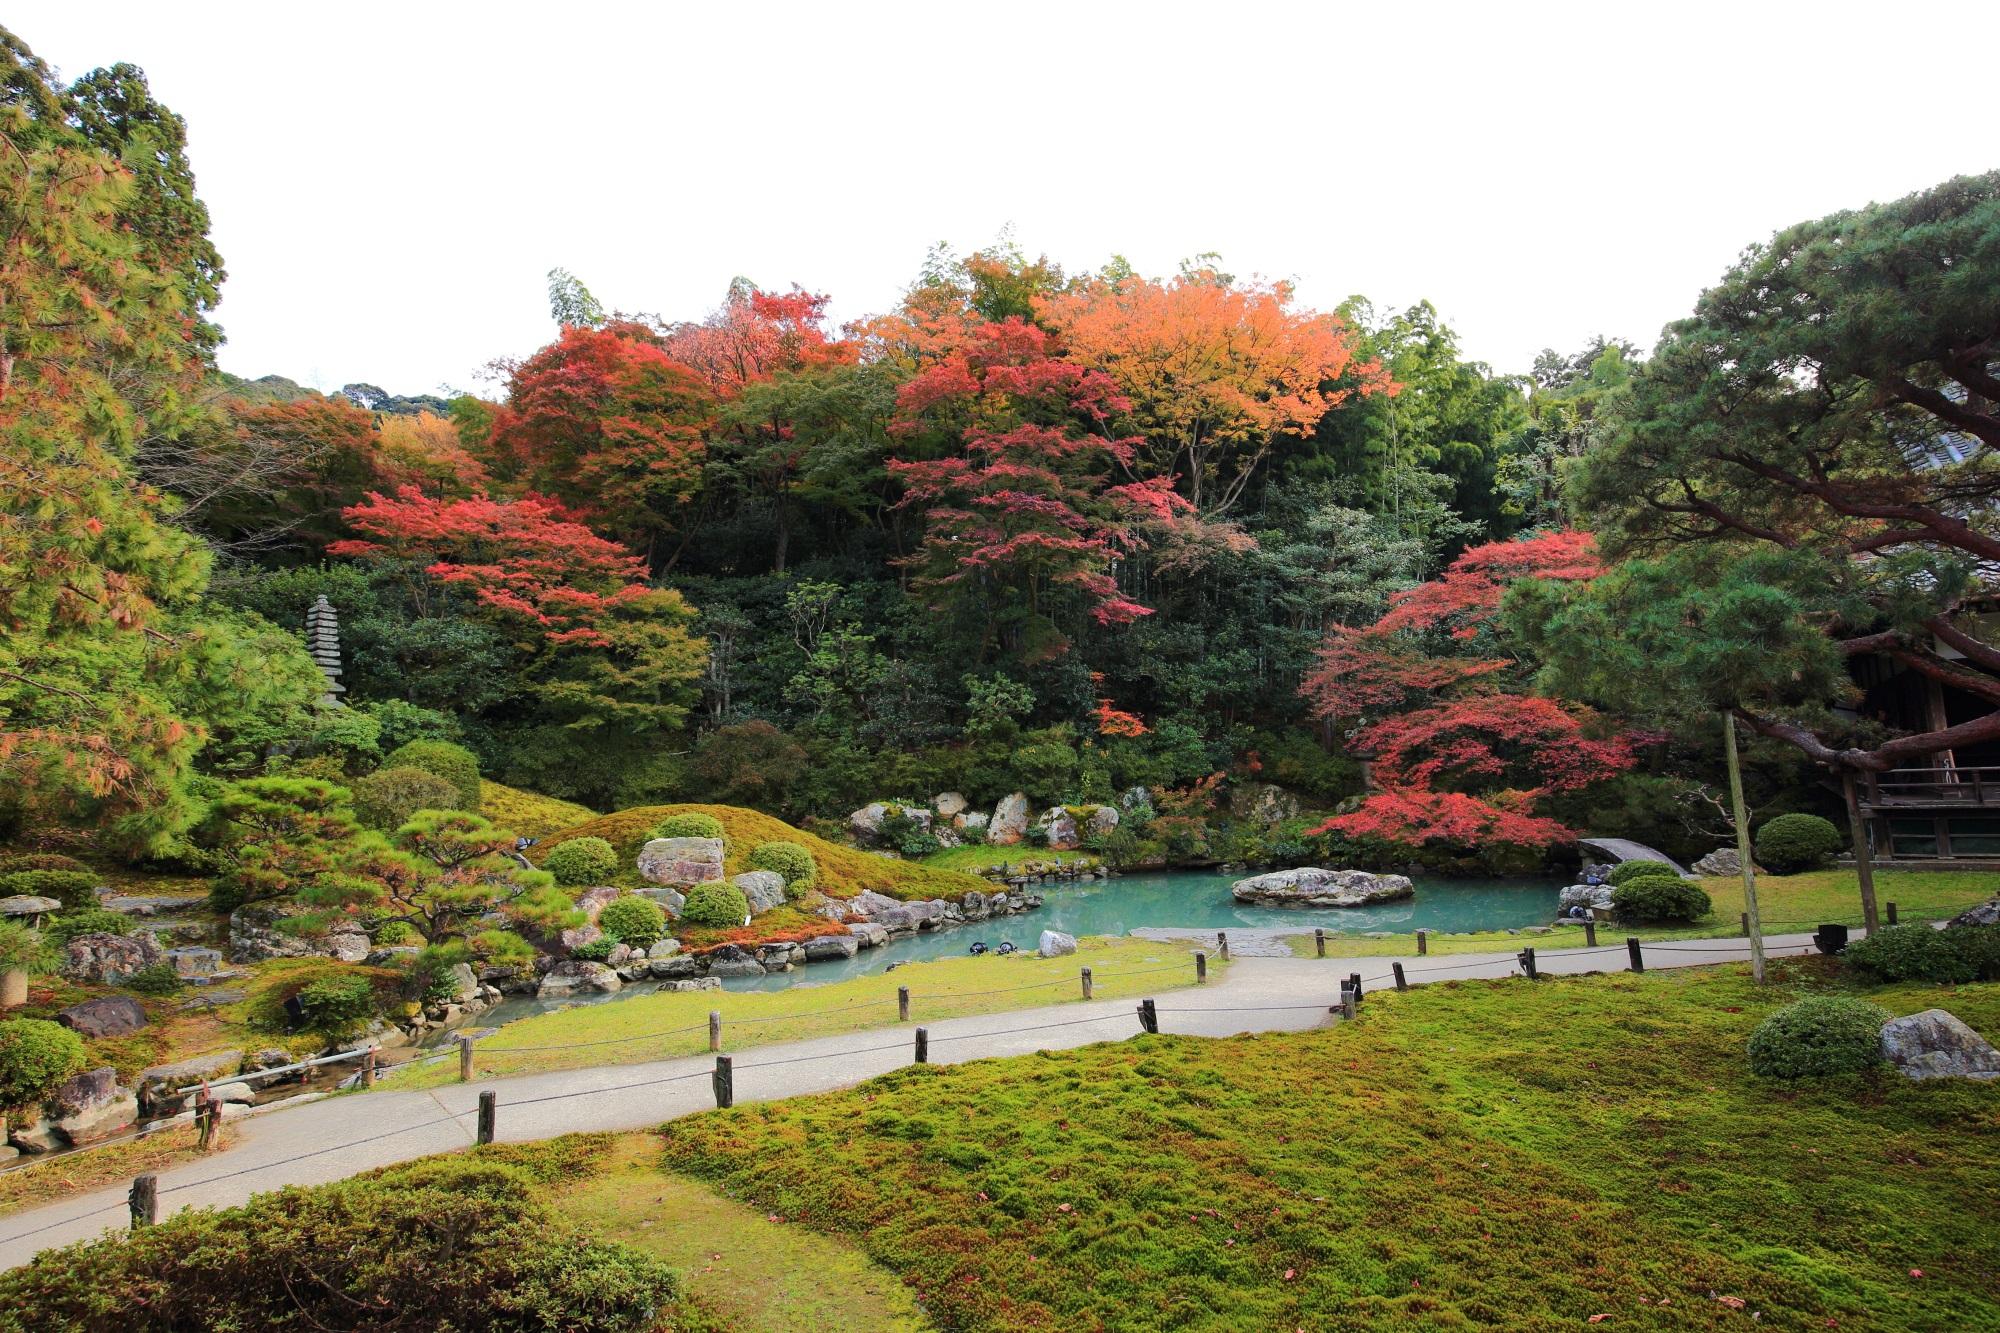 青蓮院の相阿弥の庭の見ごろの色とりどりの紅葉と綺麗な苔